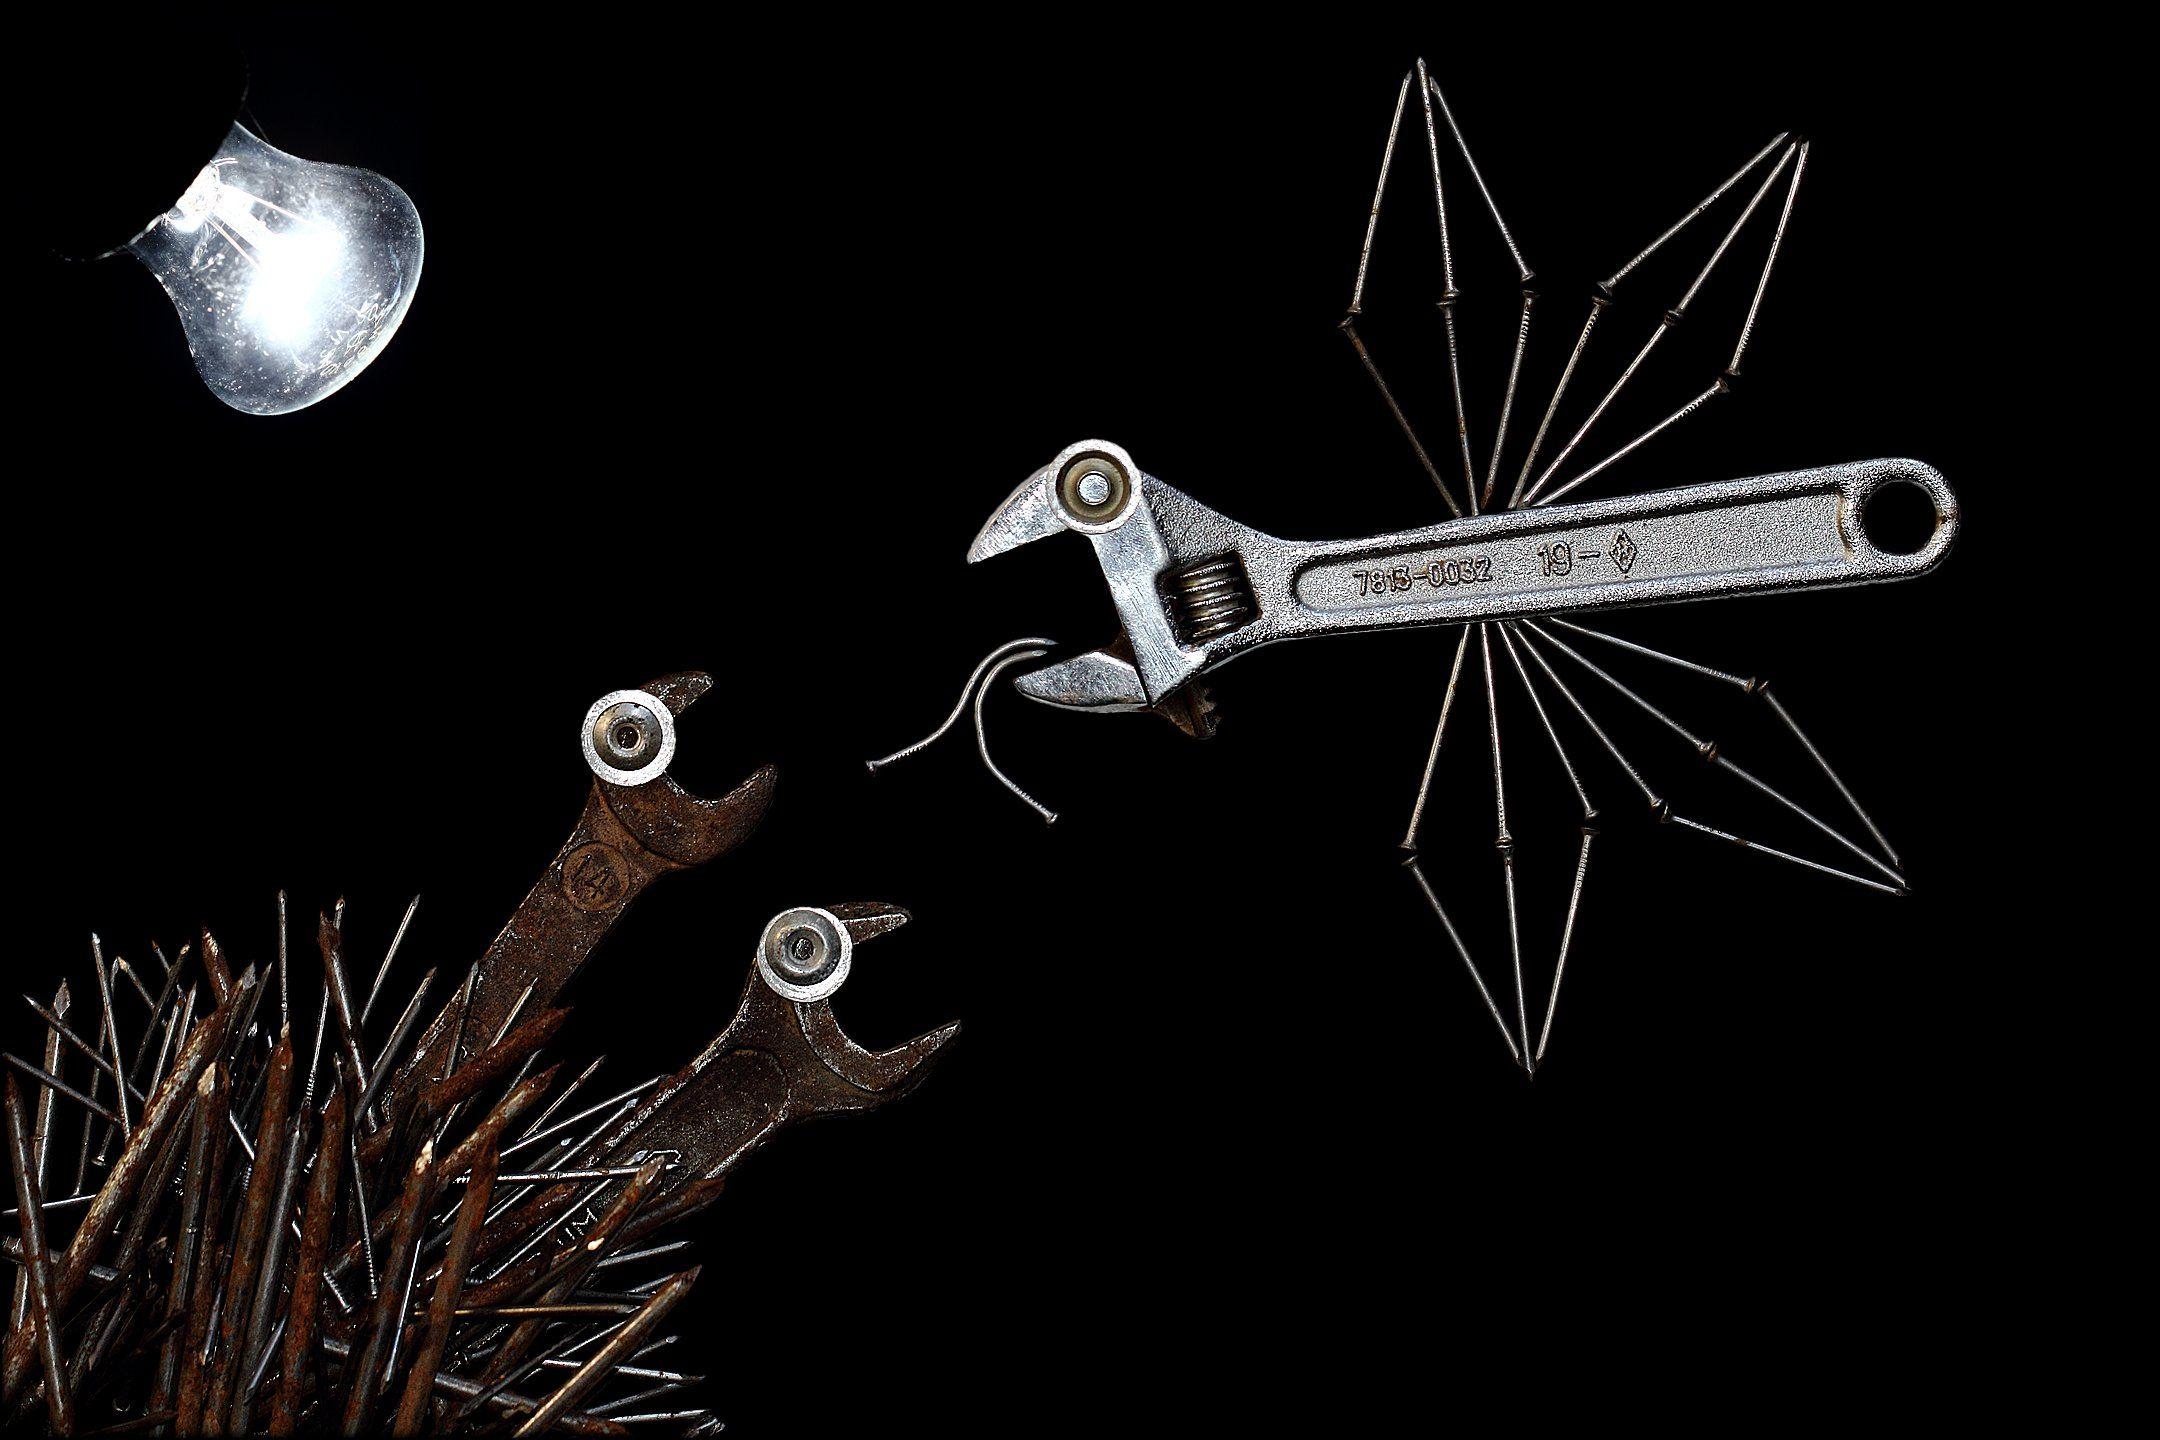 заботы, помощь, концепция, инструменты, caring, help, concept, installation, creative, tools, Салтыков Дмитрий